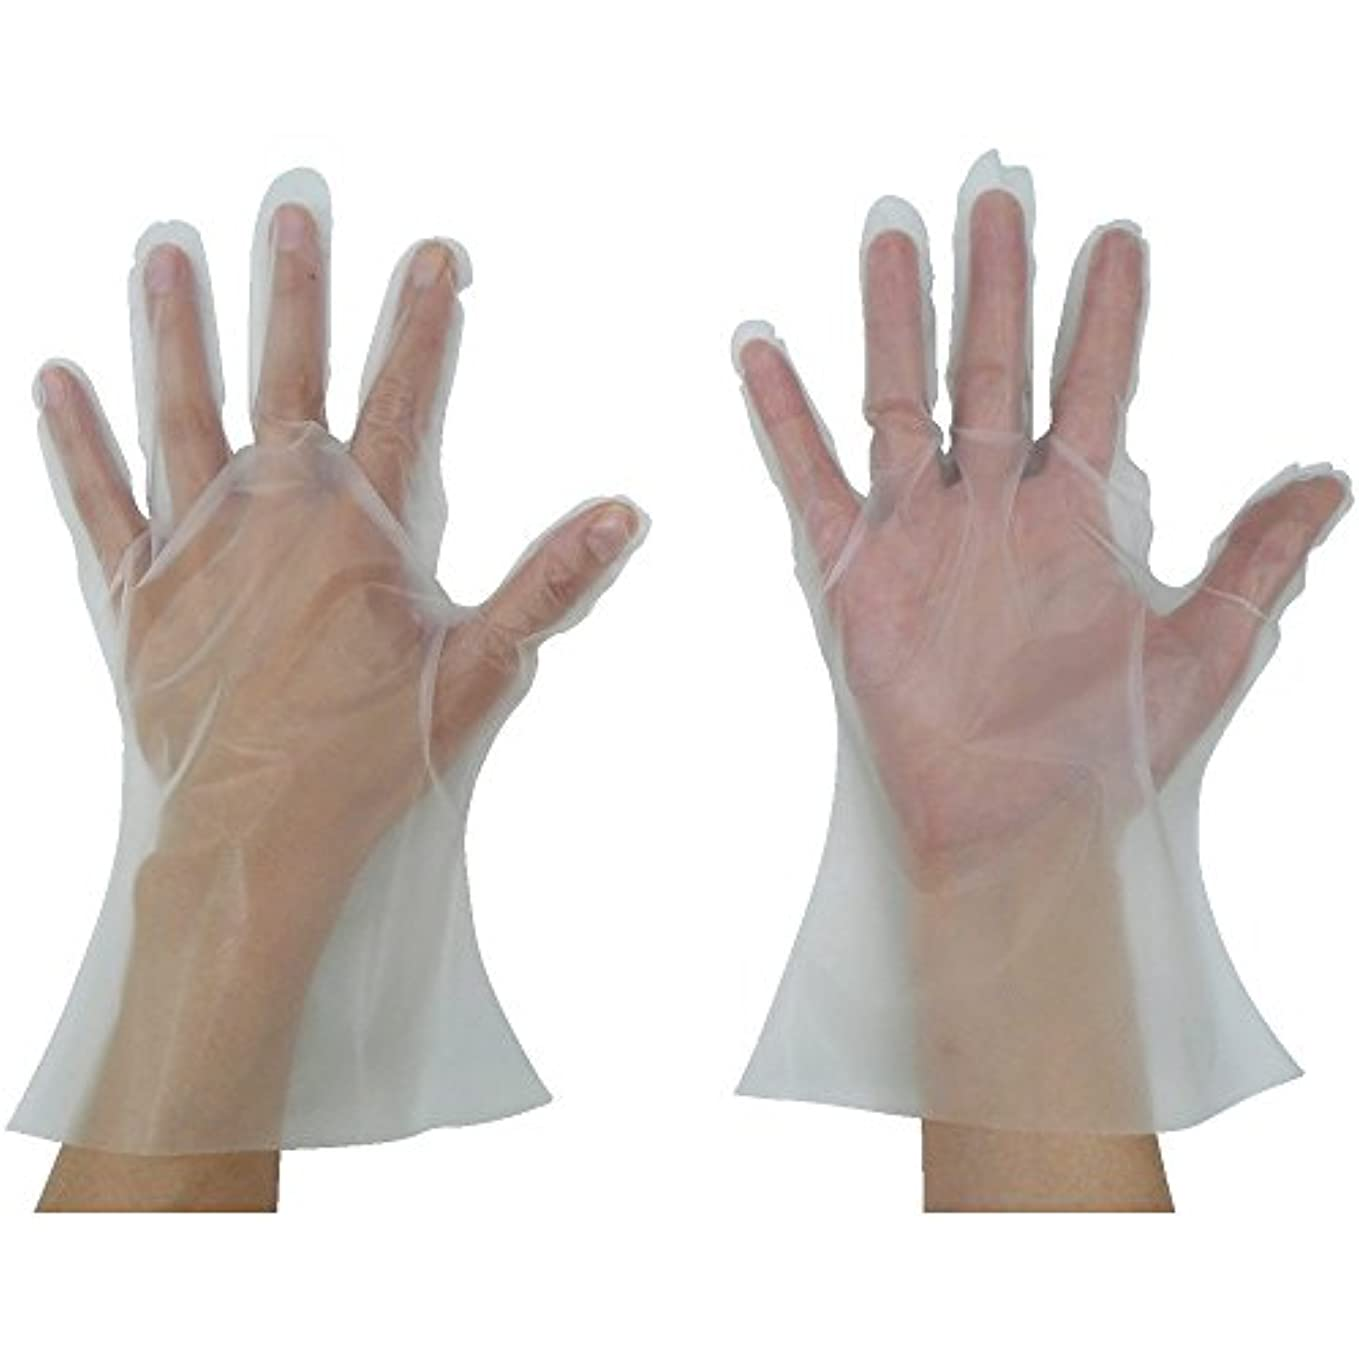 悲惨出力膨張する東京パック 緊急災害対策用手袋ニューマイジャスト簡易50M 半透明 KN-M ポリエチレン使い捨て手袋